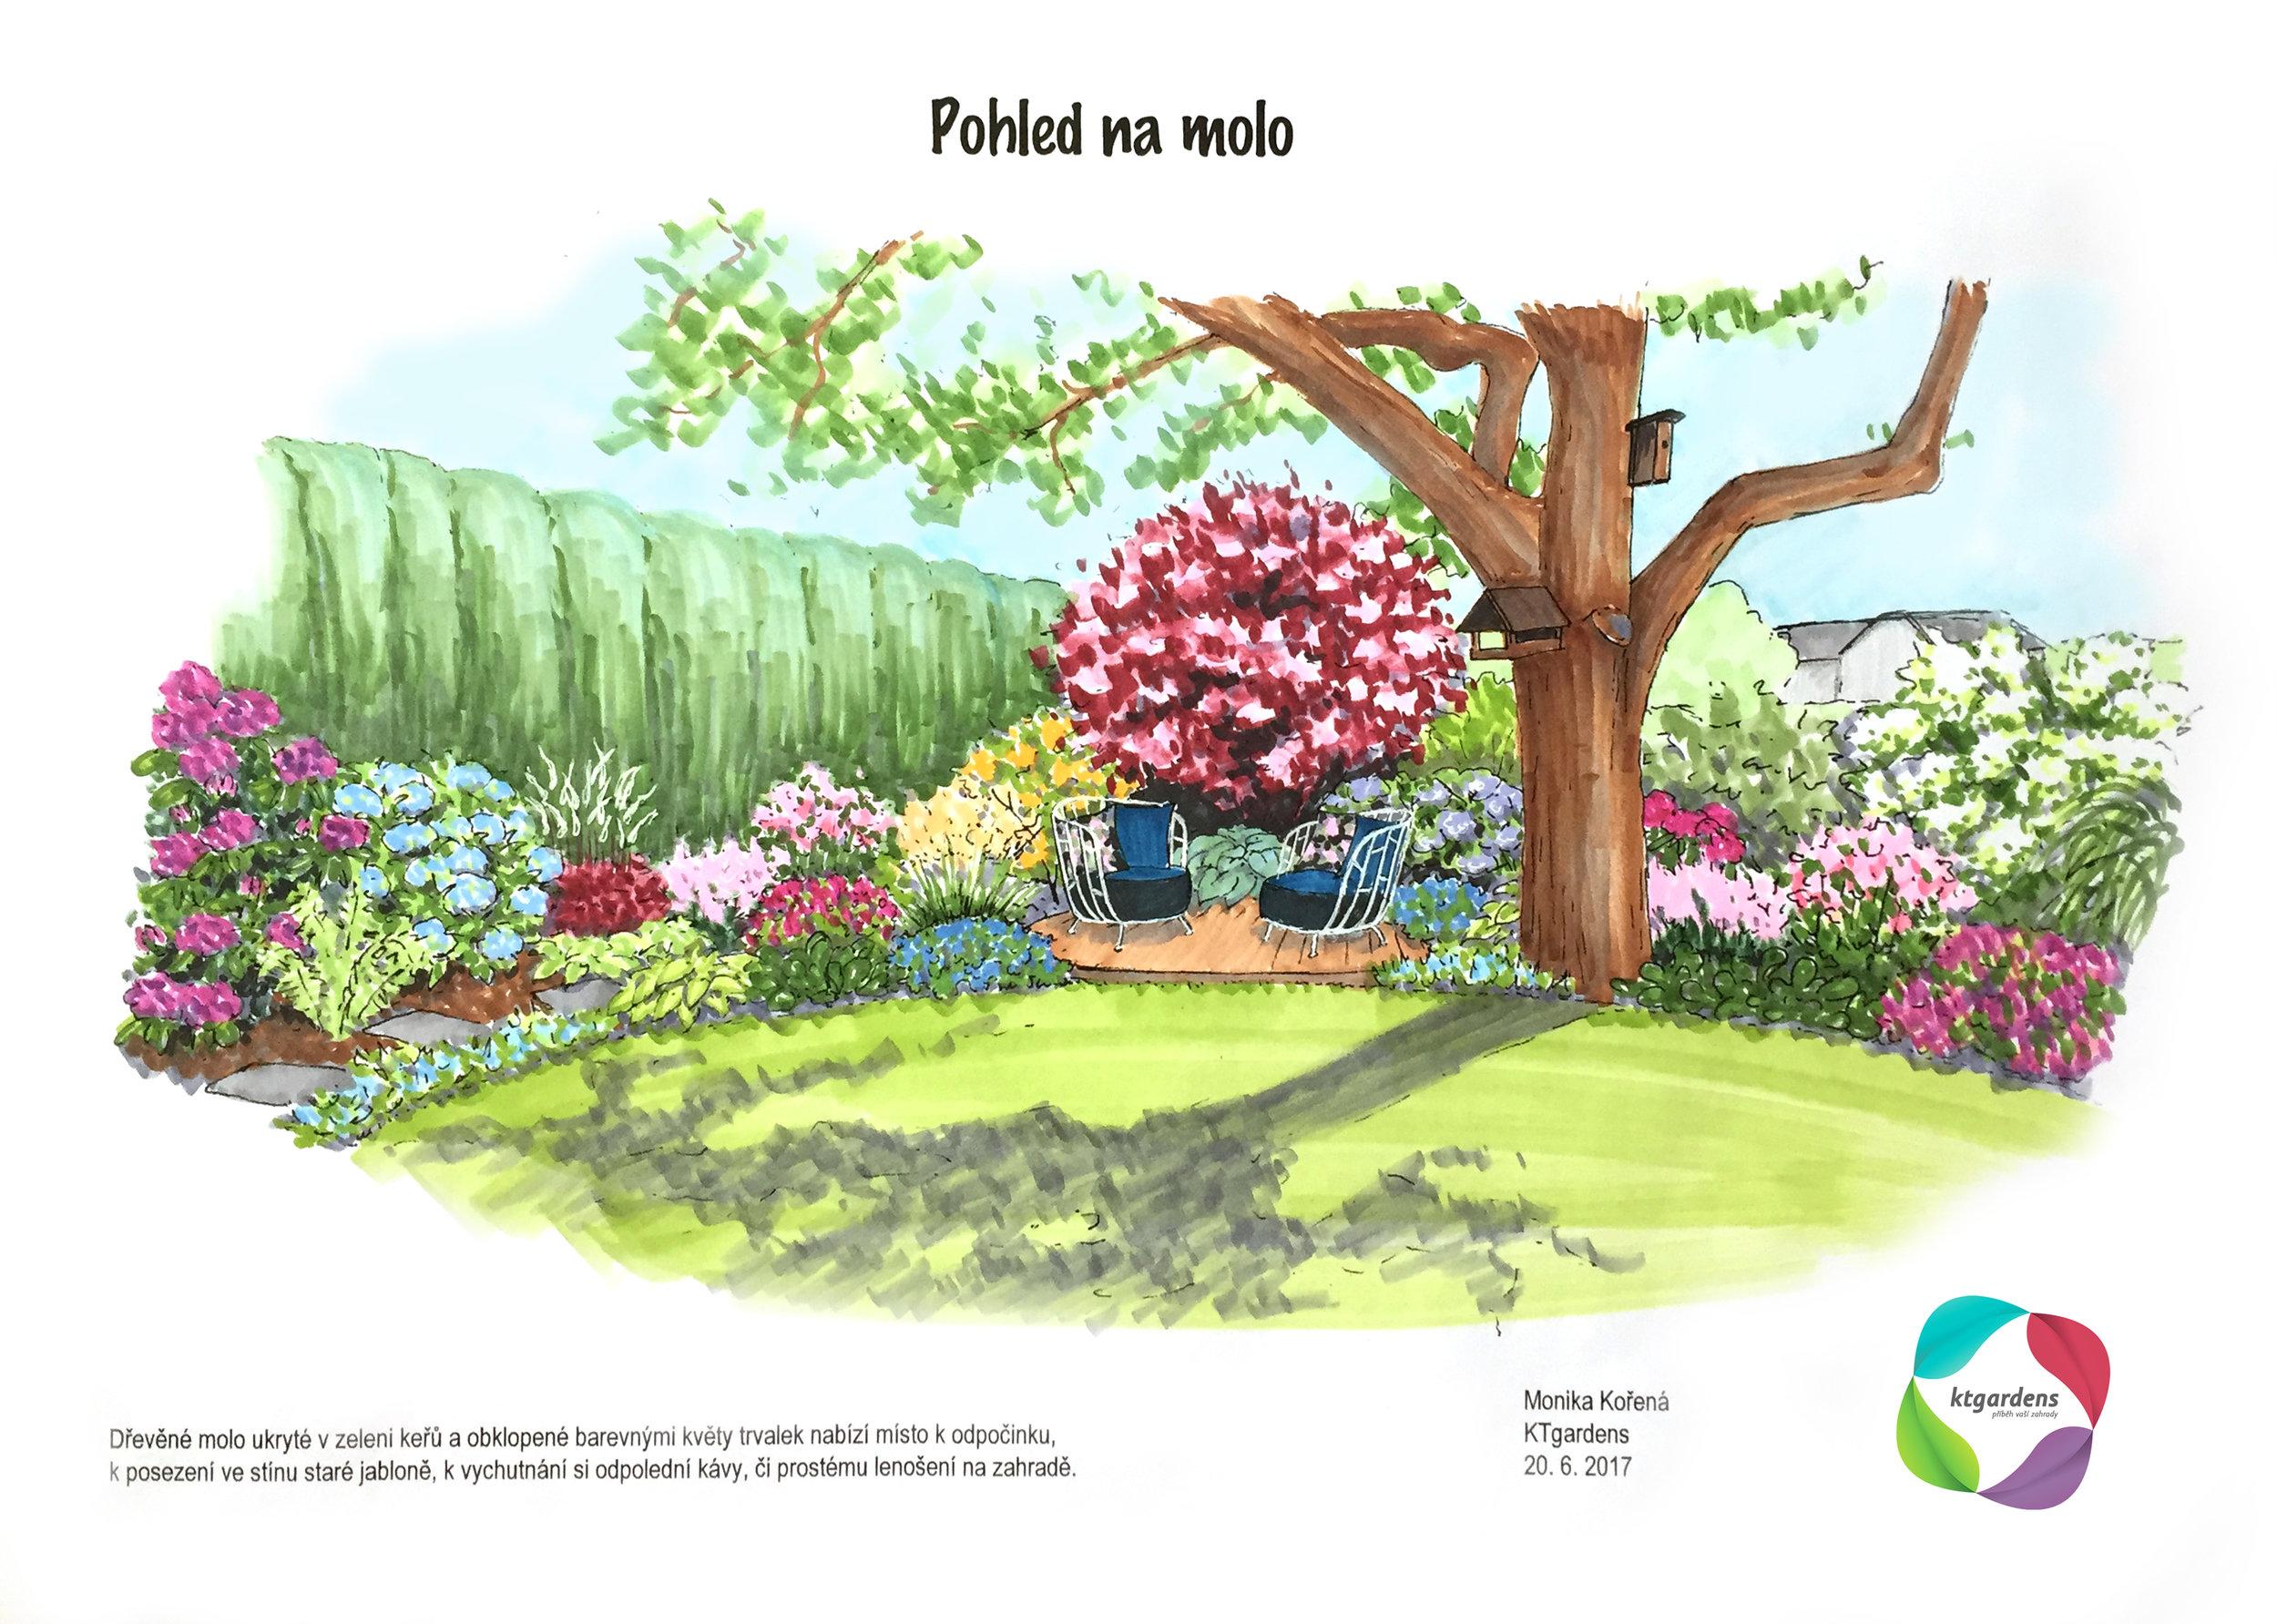 Návrh zahrady v Polance nad Odrou, malázahrada, venkovská zahrada, KTgardens